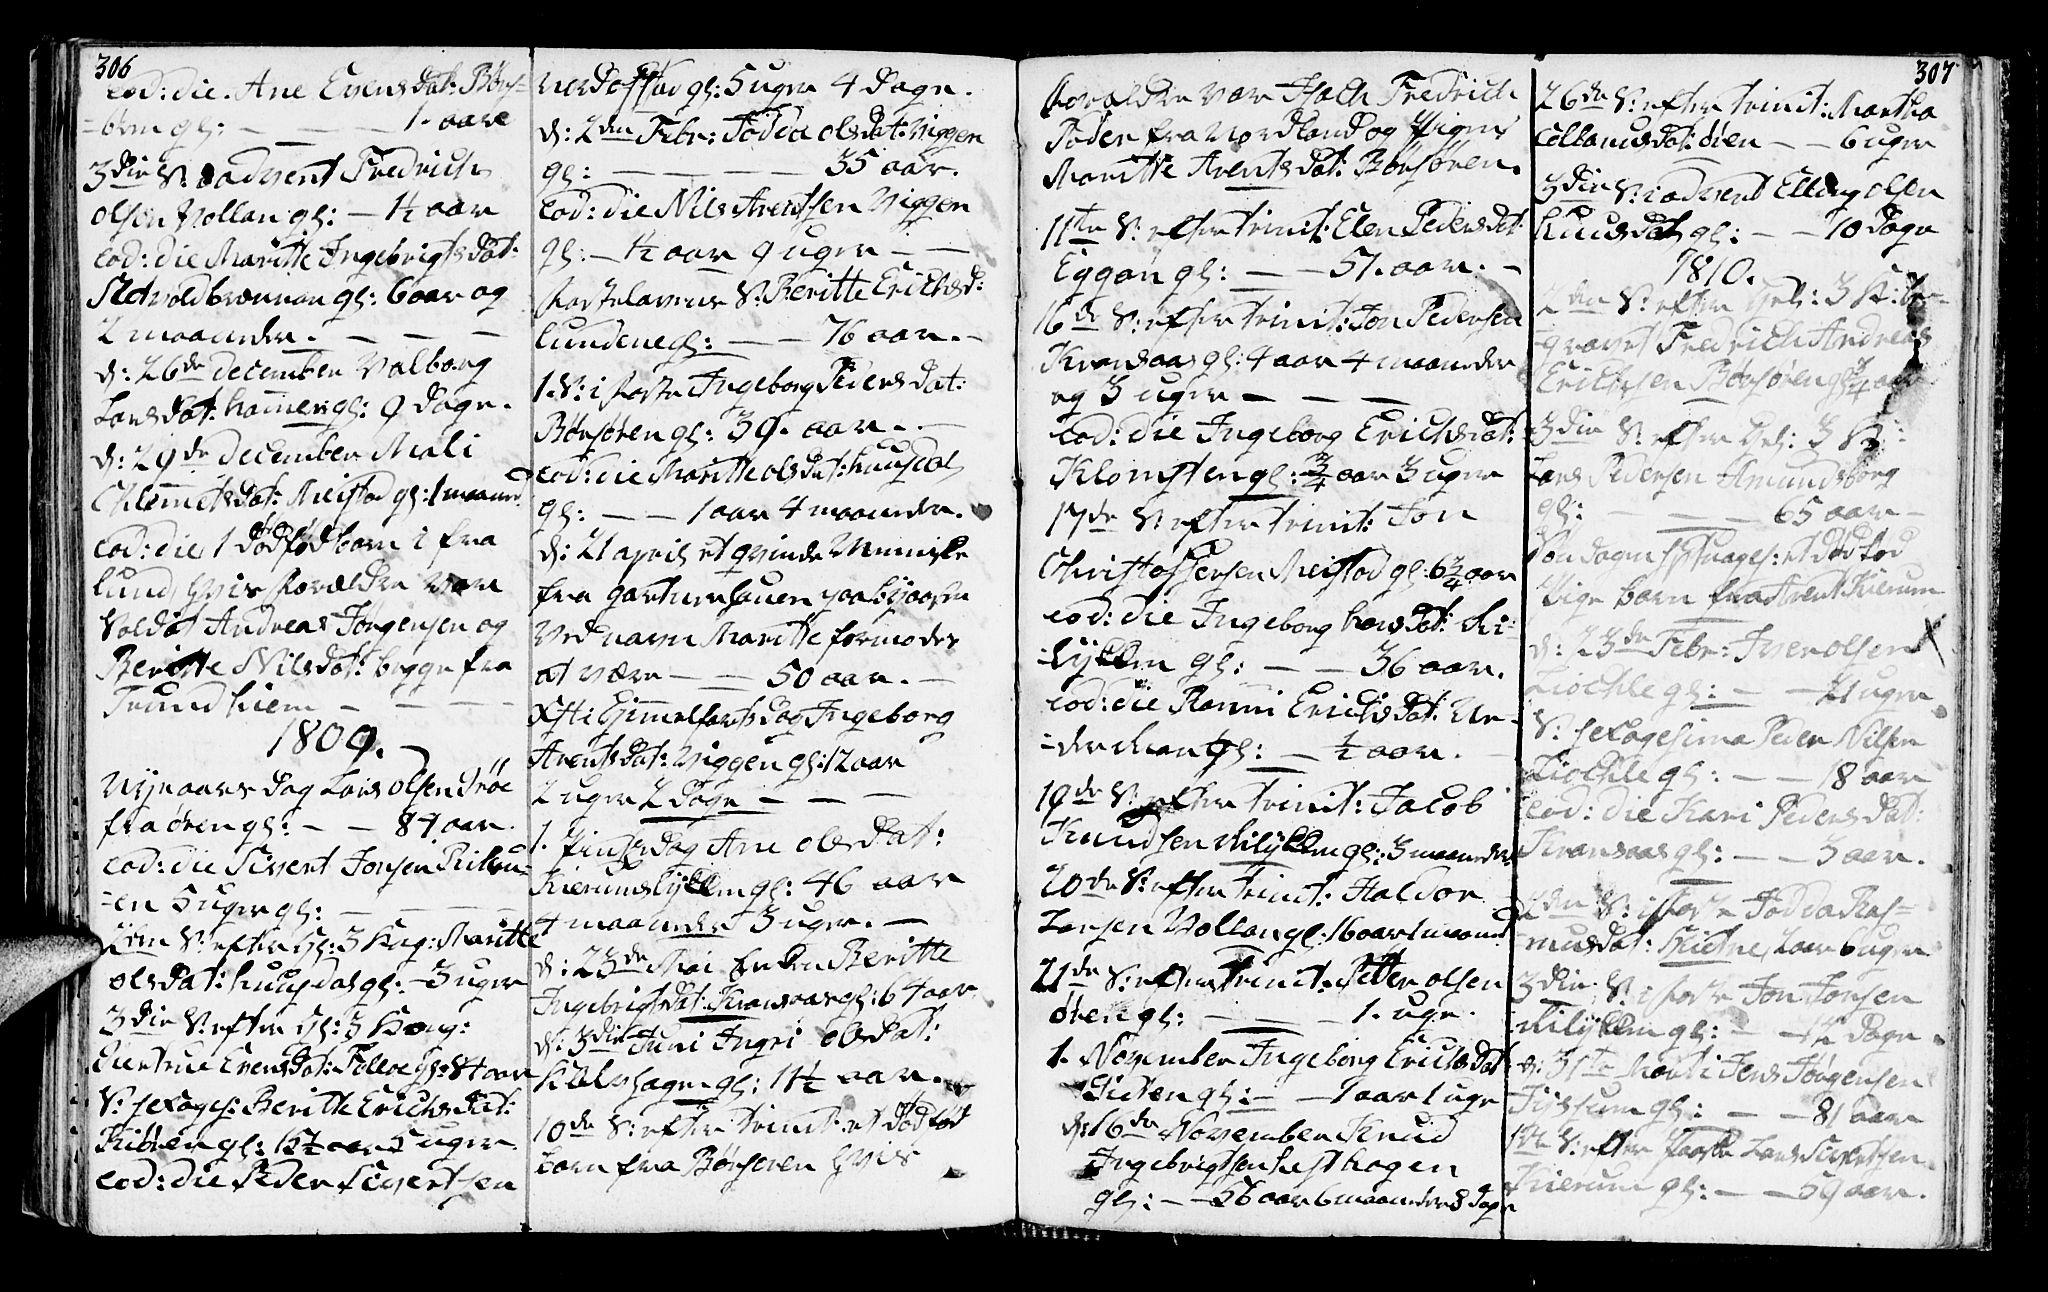 SAT, Ministerialprotokoller, klokkerbøker og fødselsregistre - Sør-Trøndelag, 665/L0769: Ministerialbok nr. 665A04, 1803-1816, s. 306-307